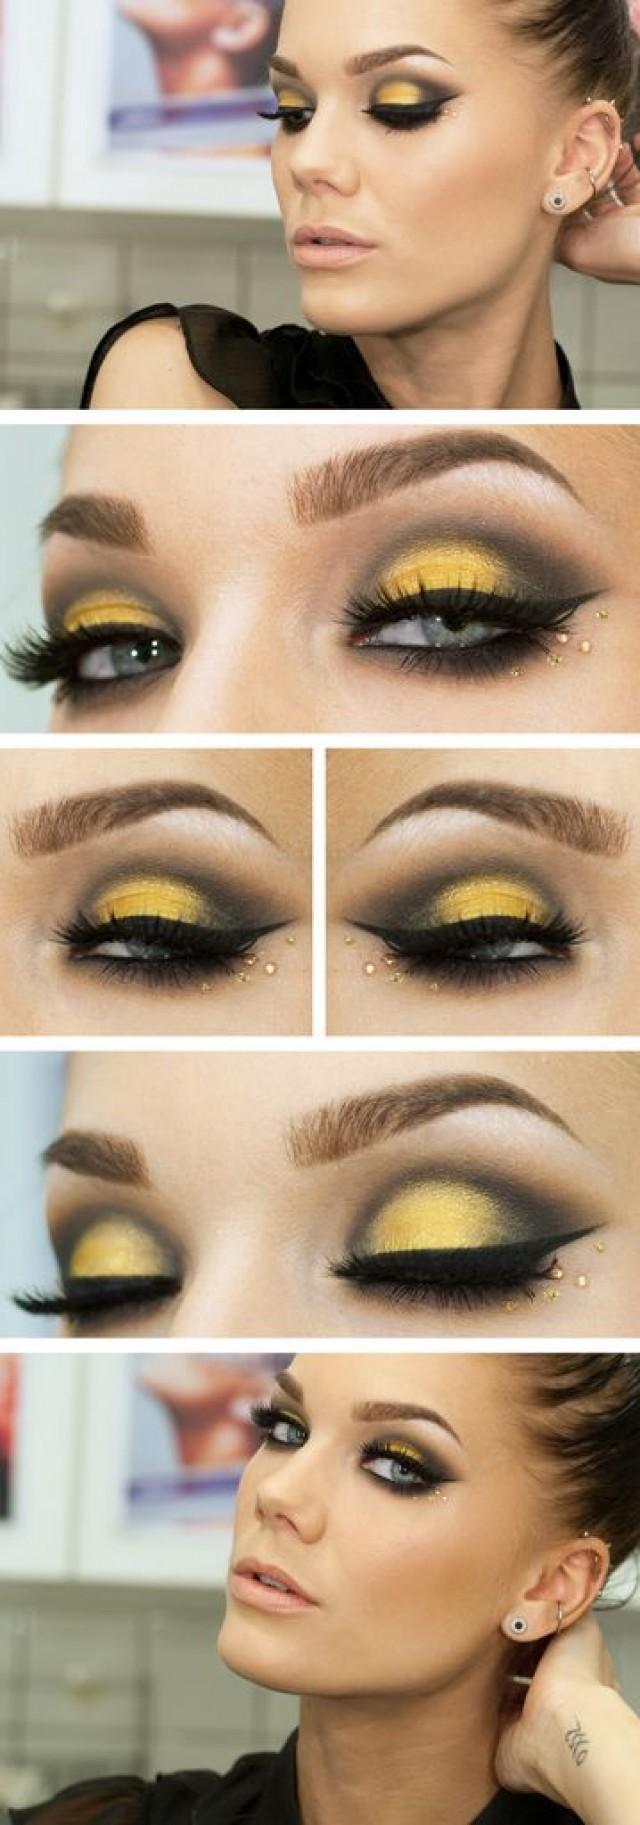 Для чего нужен макияж глаз